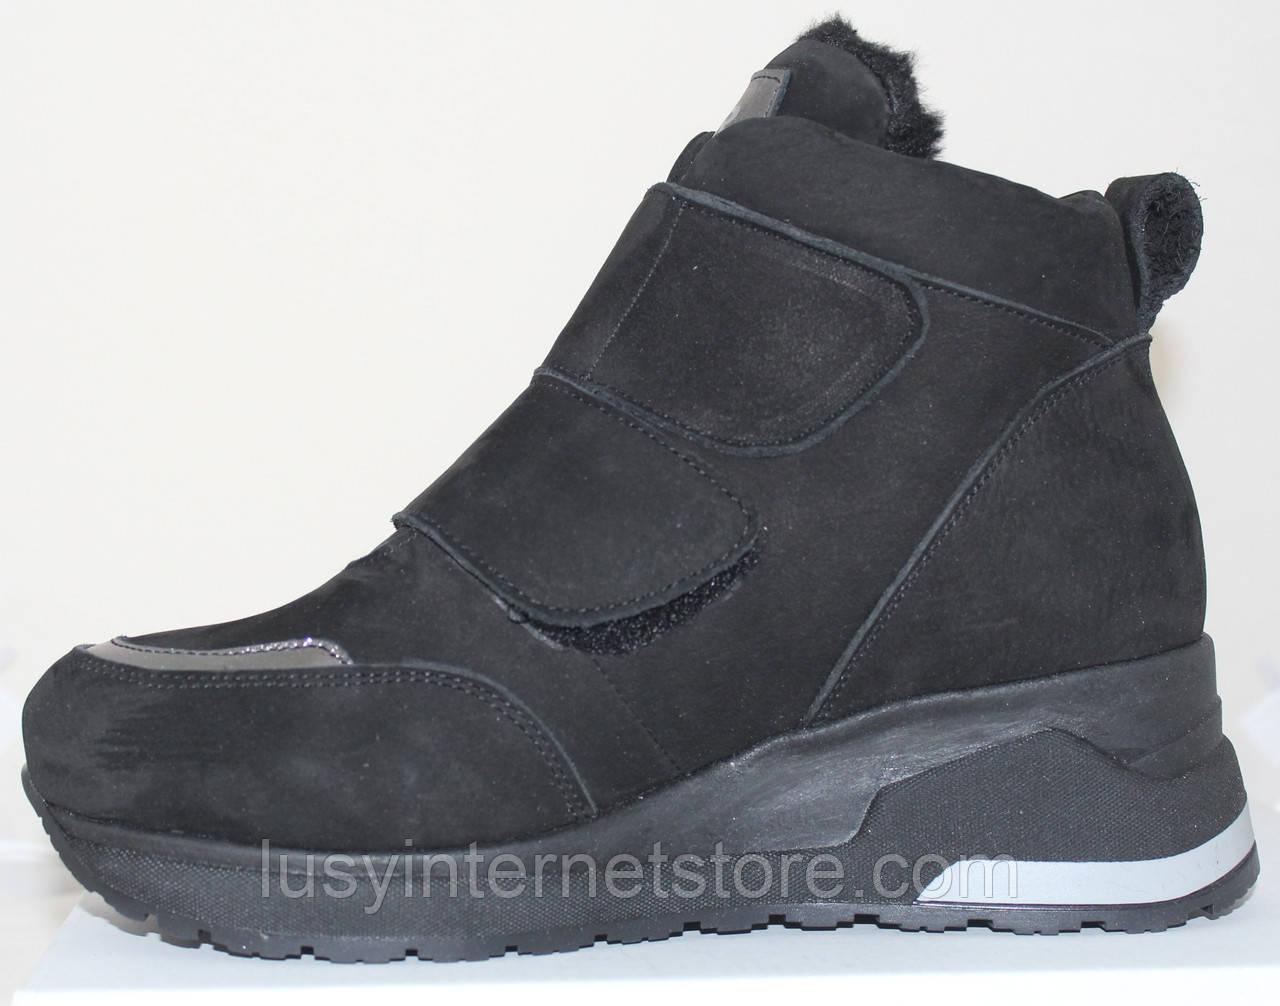 Ботинки женские зимние от производителя модель РУ171М-1